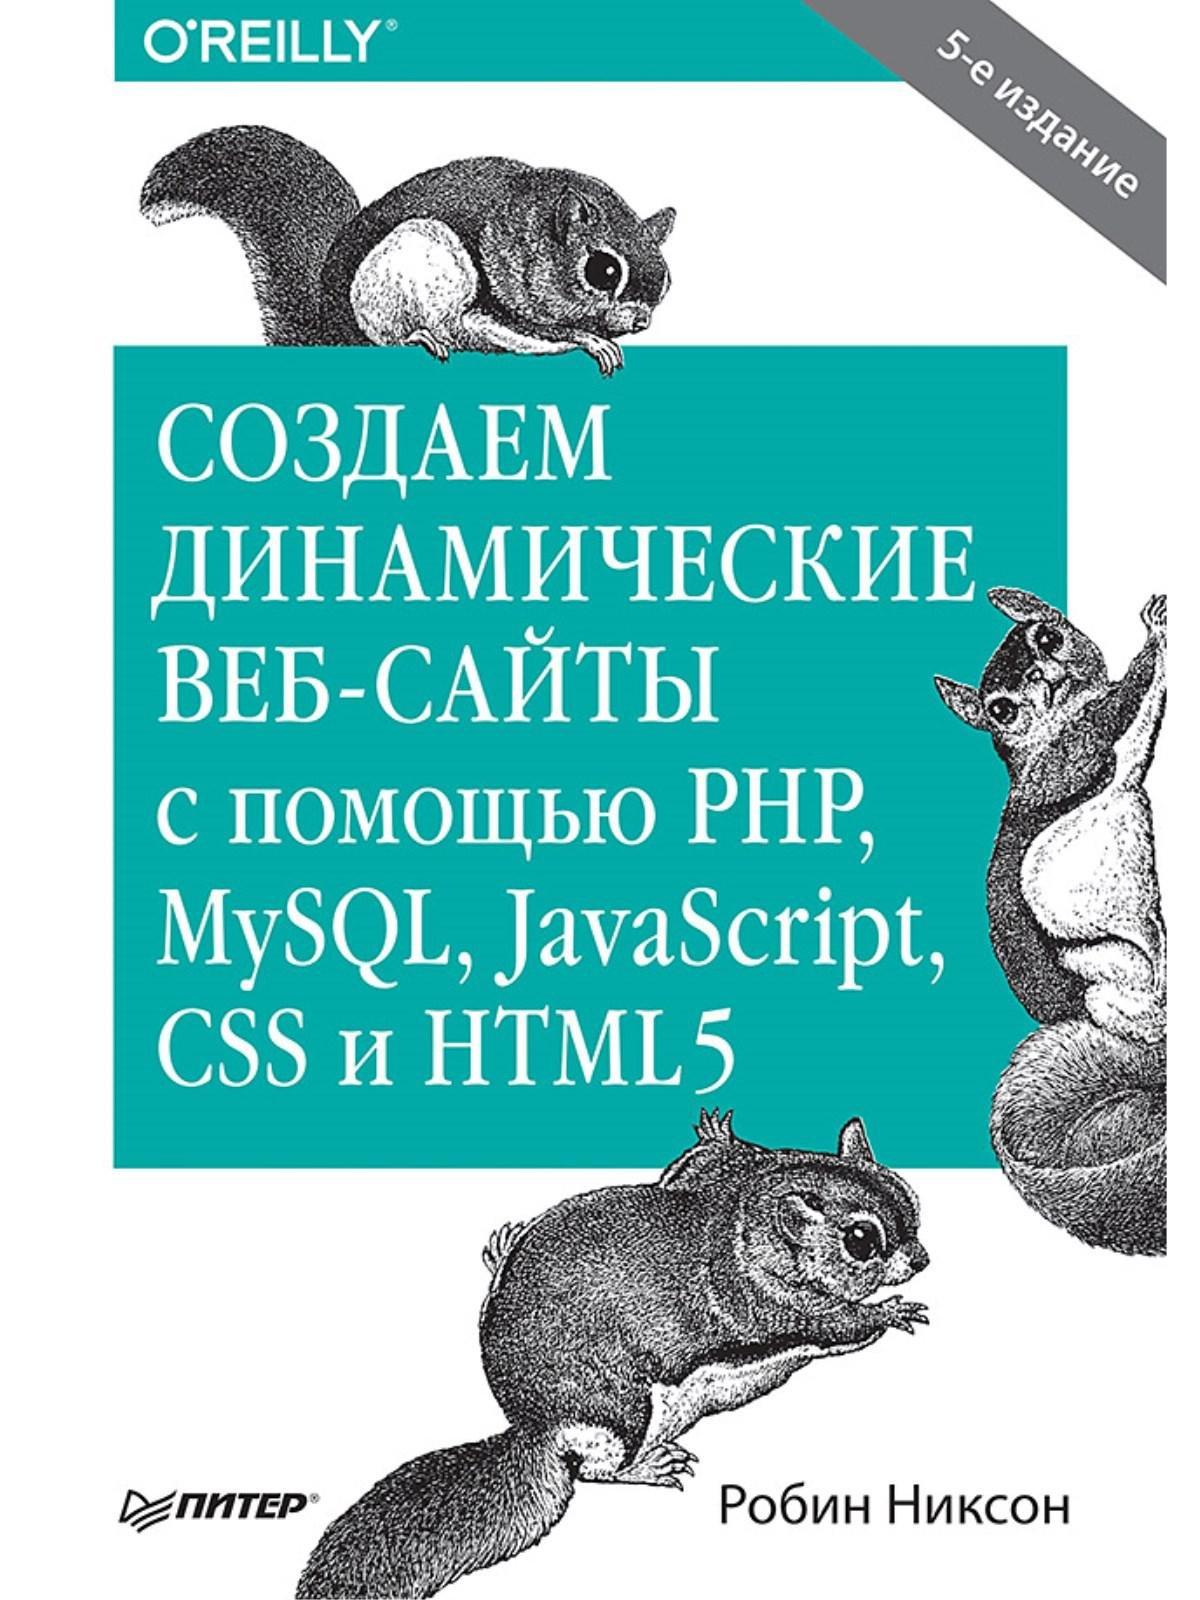 Никсон Р Создаем динамические веб-сайты с помощью PHP, MySQL, JavaScript, CSS и HTML5. 5-е изд. никсон р создаем динамические веб сайты с помощью php mysql javascript css и html5 5 е изд